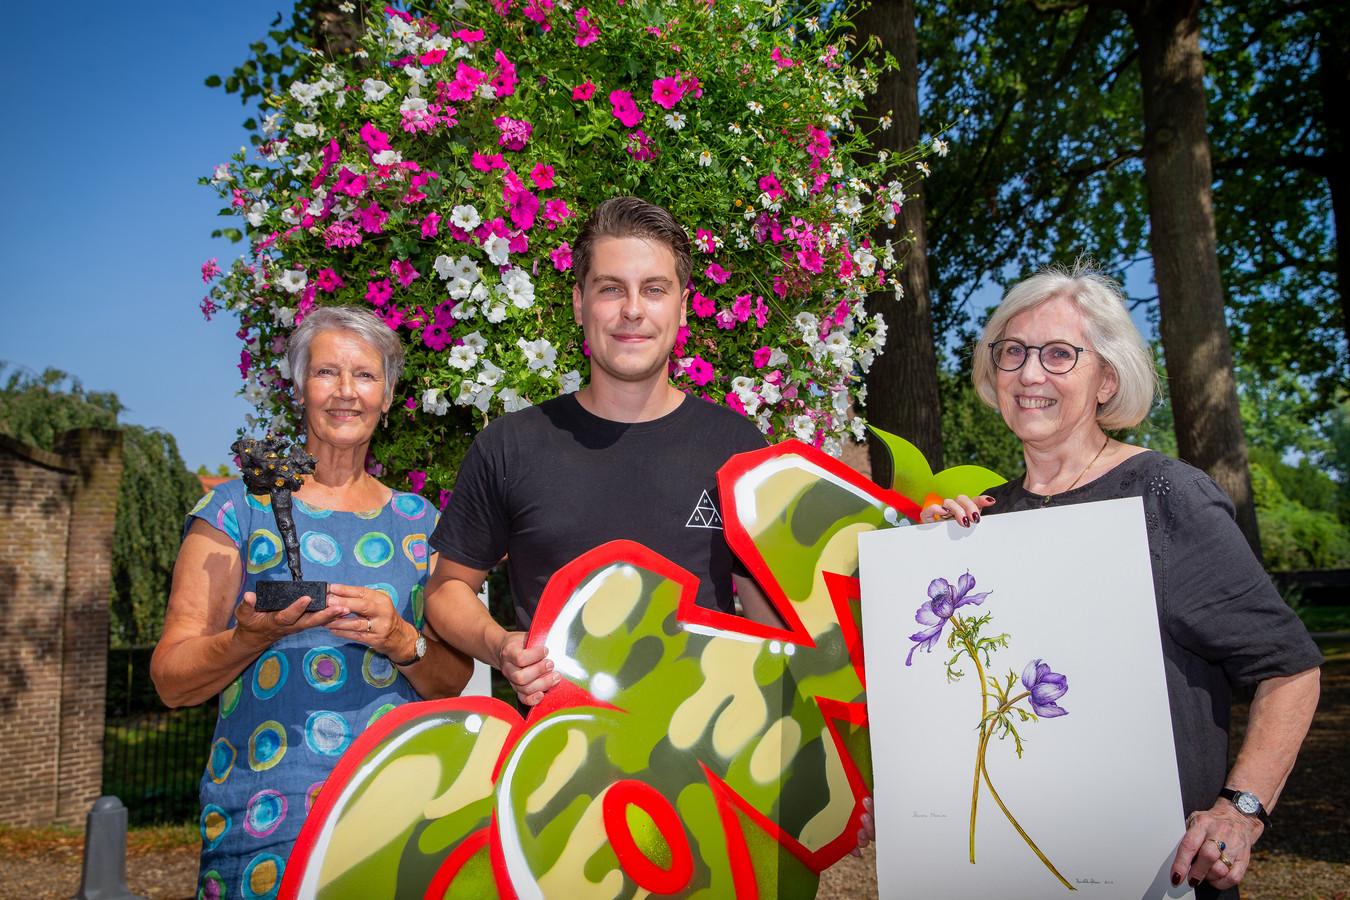 Margreet van der Meij, Sander Dolstra en Ria van Elk presenteren zich zondag in Kunsthuis Wijchen.